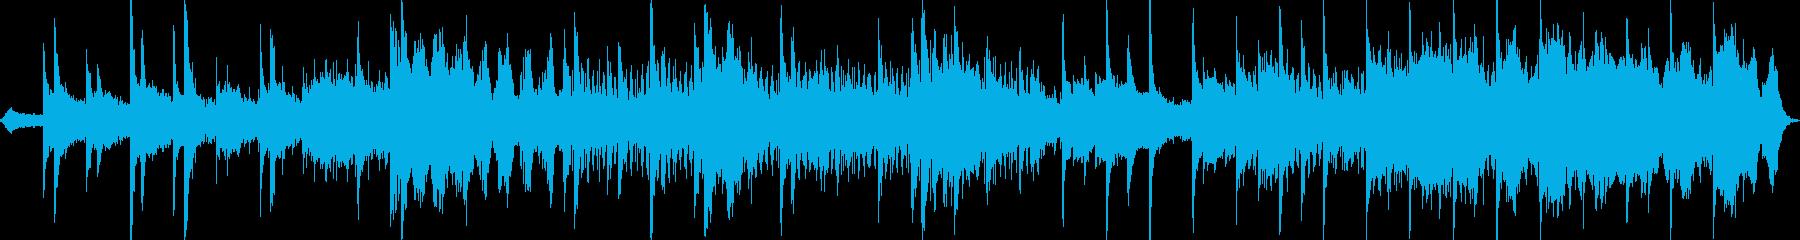 瞑想・スパに、アンビエント系BGMの再生済みの波形